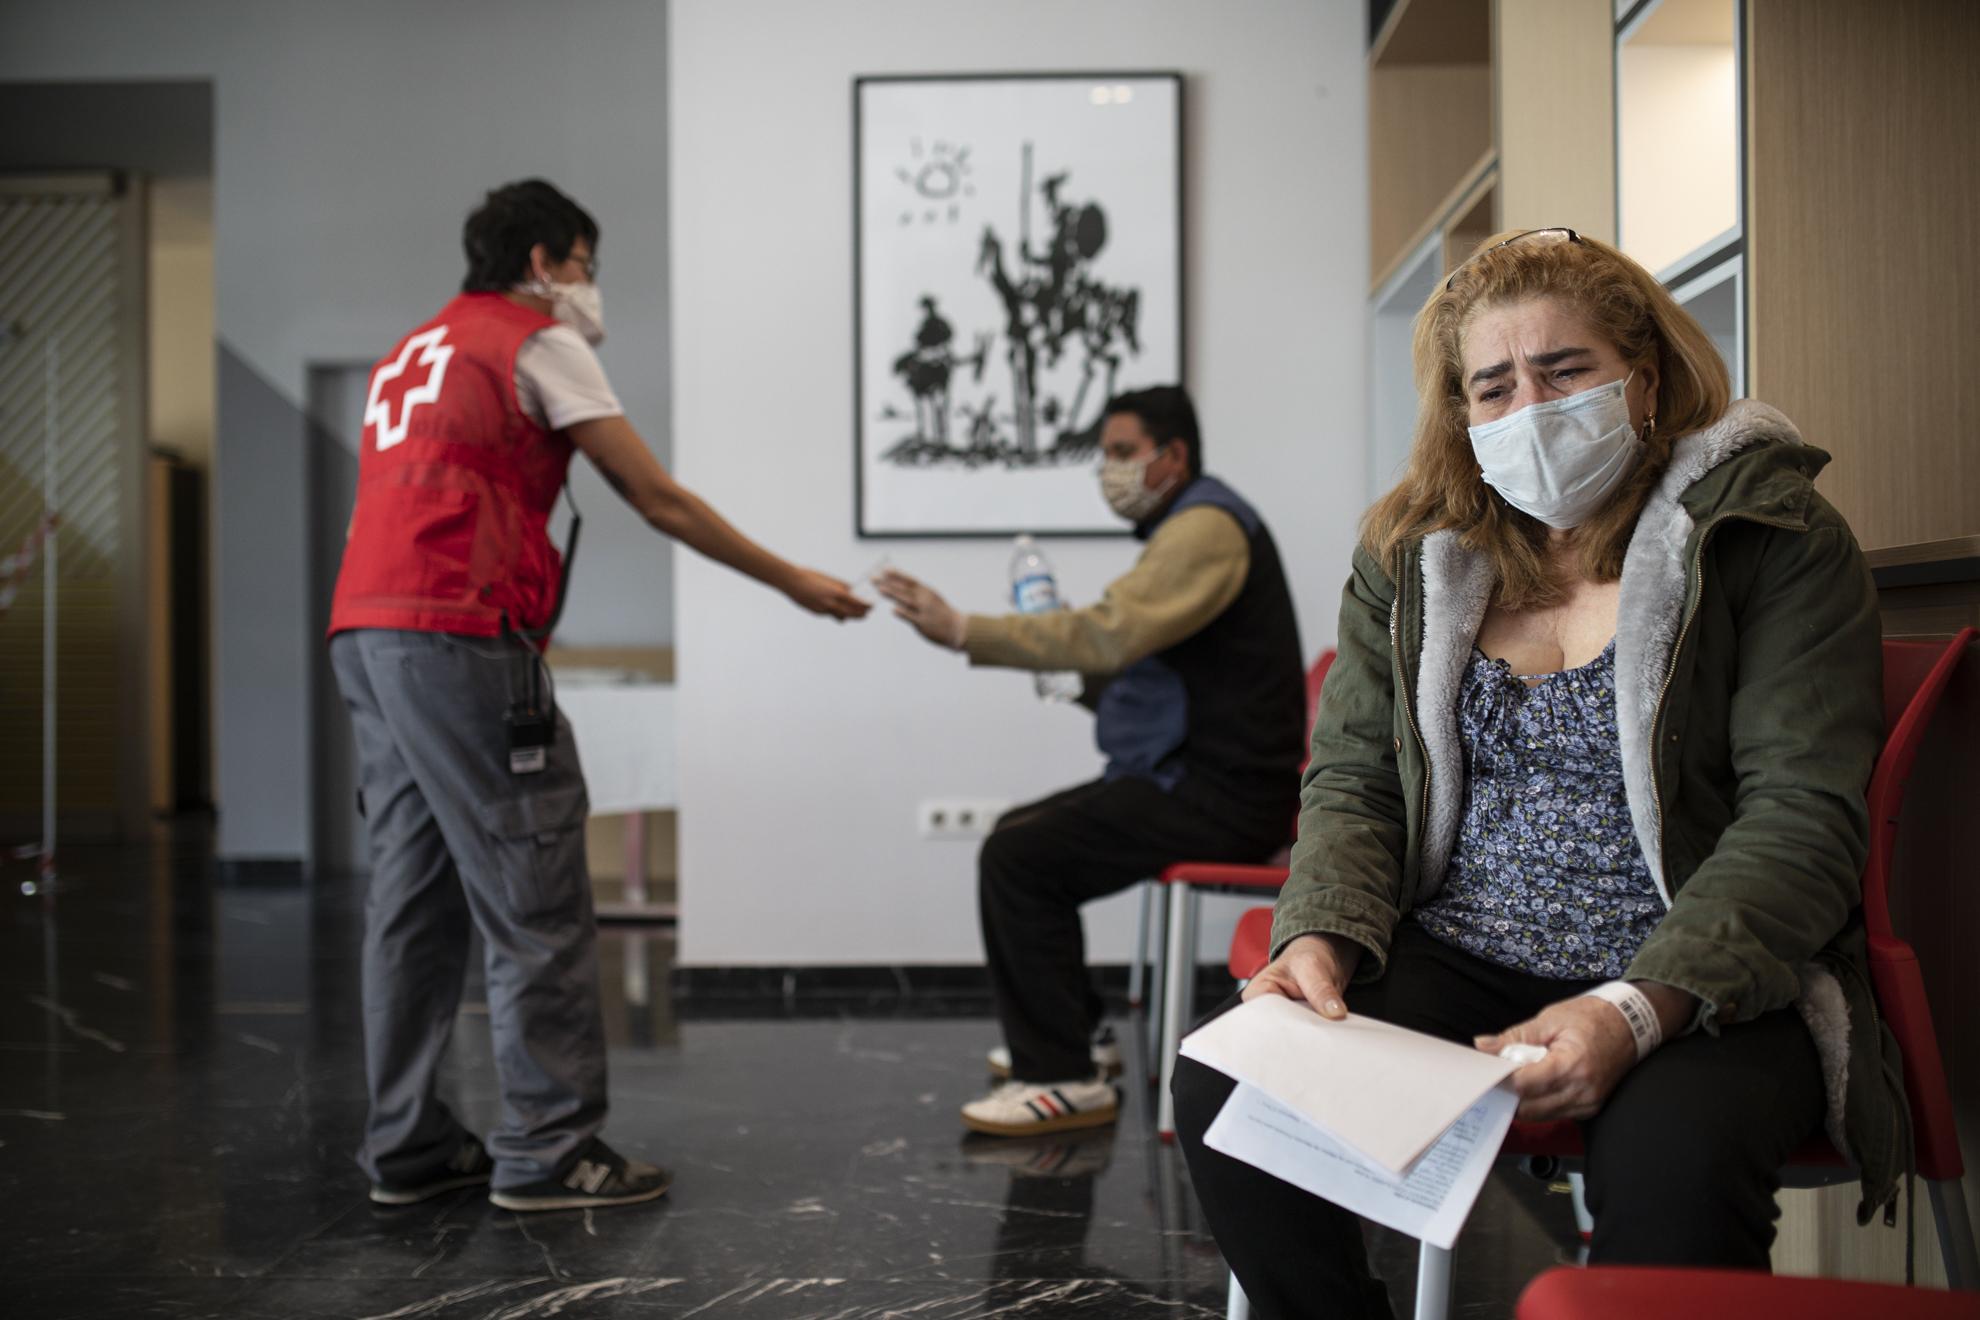 """Rosalía (64) es refugiada. Vino de Honduras hace dos años y estudió peluquería. En un mes, han fallecido tres de sus hermanos. No han podido velarles, a pesar de que uno de ellos murió a causa de un problema cardíaco que no tenía nada que ver con el Covid-19. Perdió su trabajo justo después, y sus ingresos, y no pudo pagar la habitación que tenía alquilada en Madrid. Se ha quedado en la calle, obligada a guardar cuarentena, porque las personas con las que compartía piso tuvieron coronavirus. Cruz Roja la ha llevado al hotel Holiday Inn las Tablas, ahora medicalizado, donde alojan temporalmente a personas como Rosalía. """"Por mi edad, todo me lo ponen difícil. Me llaman para entrevistas de trabajo, pero cuando les digo mi edad ya no les intereso"""", se lamenta. Sueña con volver a ver a sus hijos, y a su nieto, cuando se restablezca. Ellos desconocen las penurias por las que está pasando Rosalía en España."""